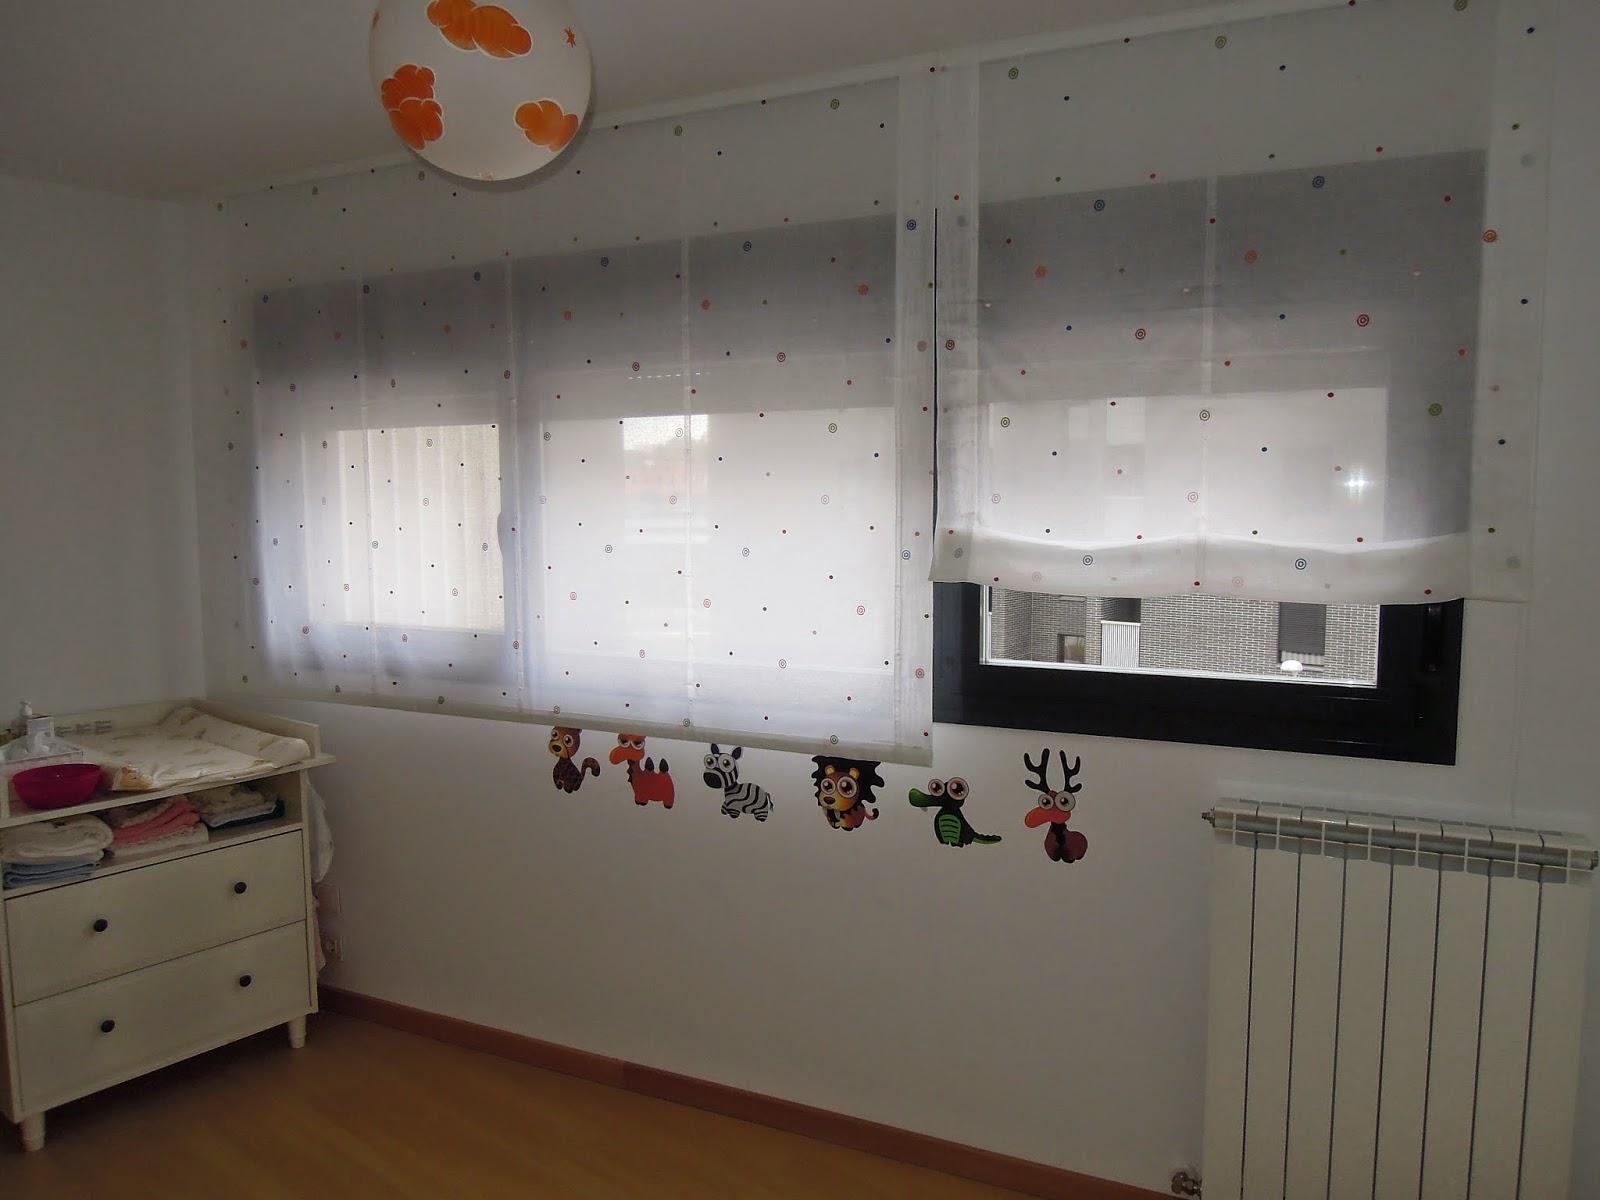 Fotos de cortinas juvenil infantil 2016 - Estores cocina leroy merlin ...